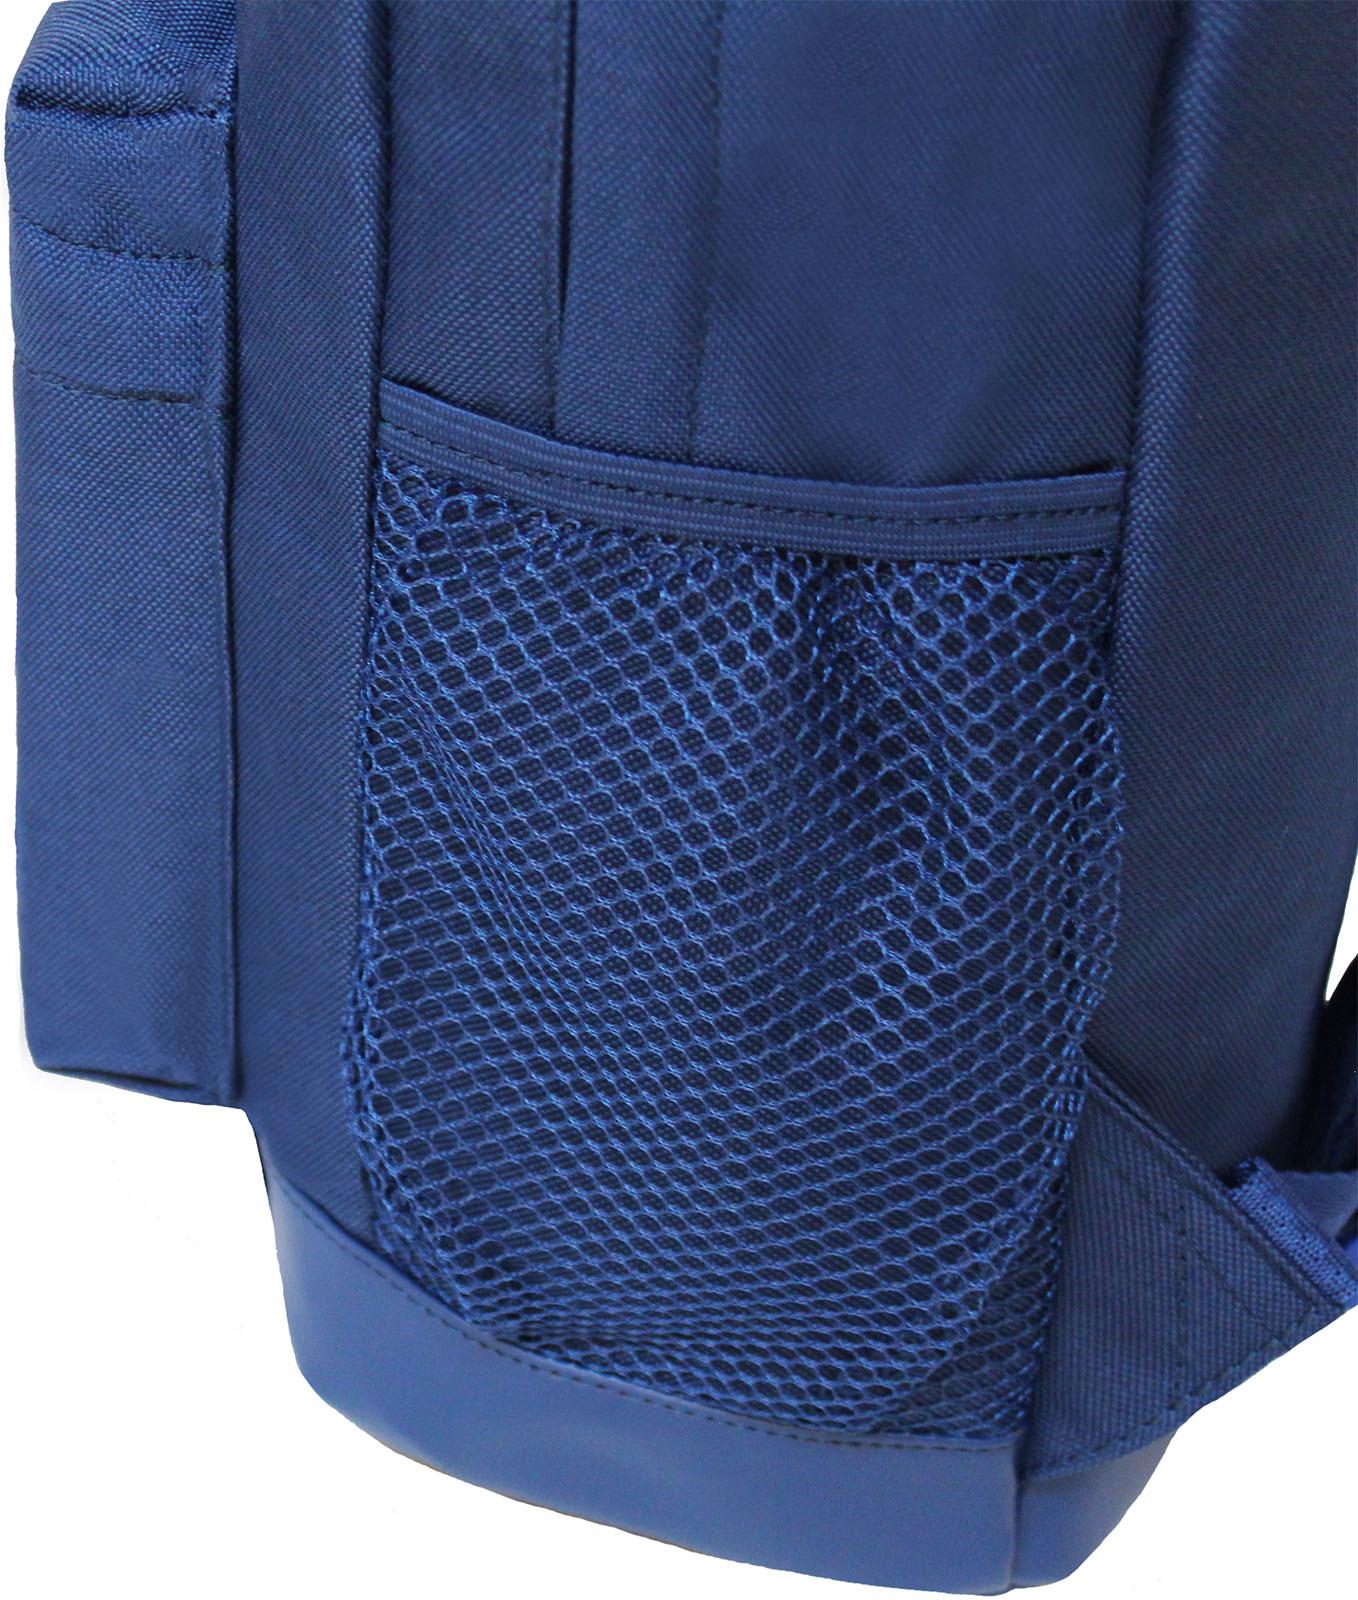 Рюкзак Bagland Молодежный Синий 00533663 фото 4